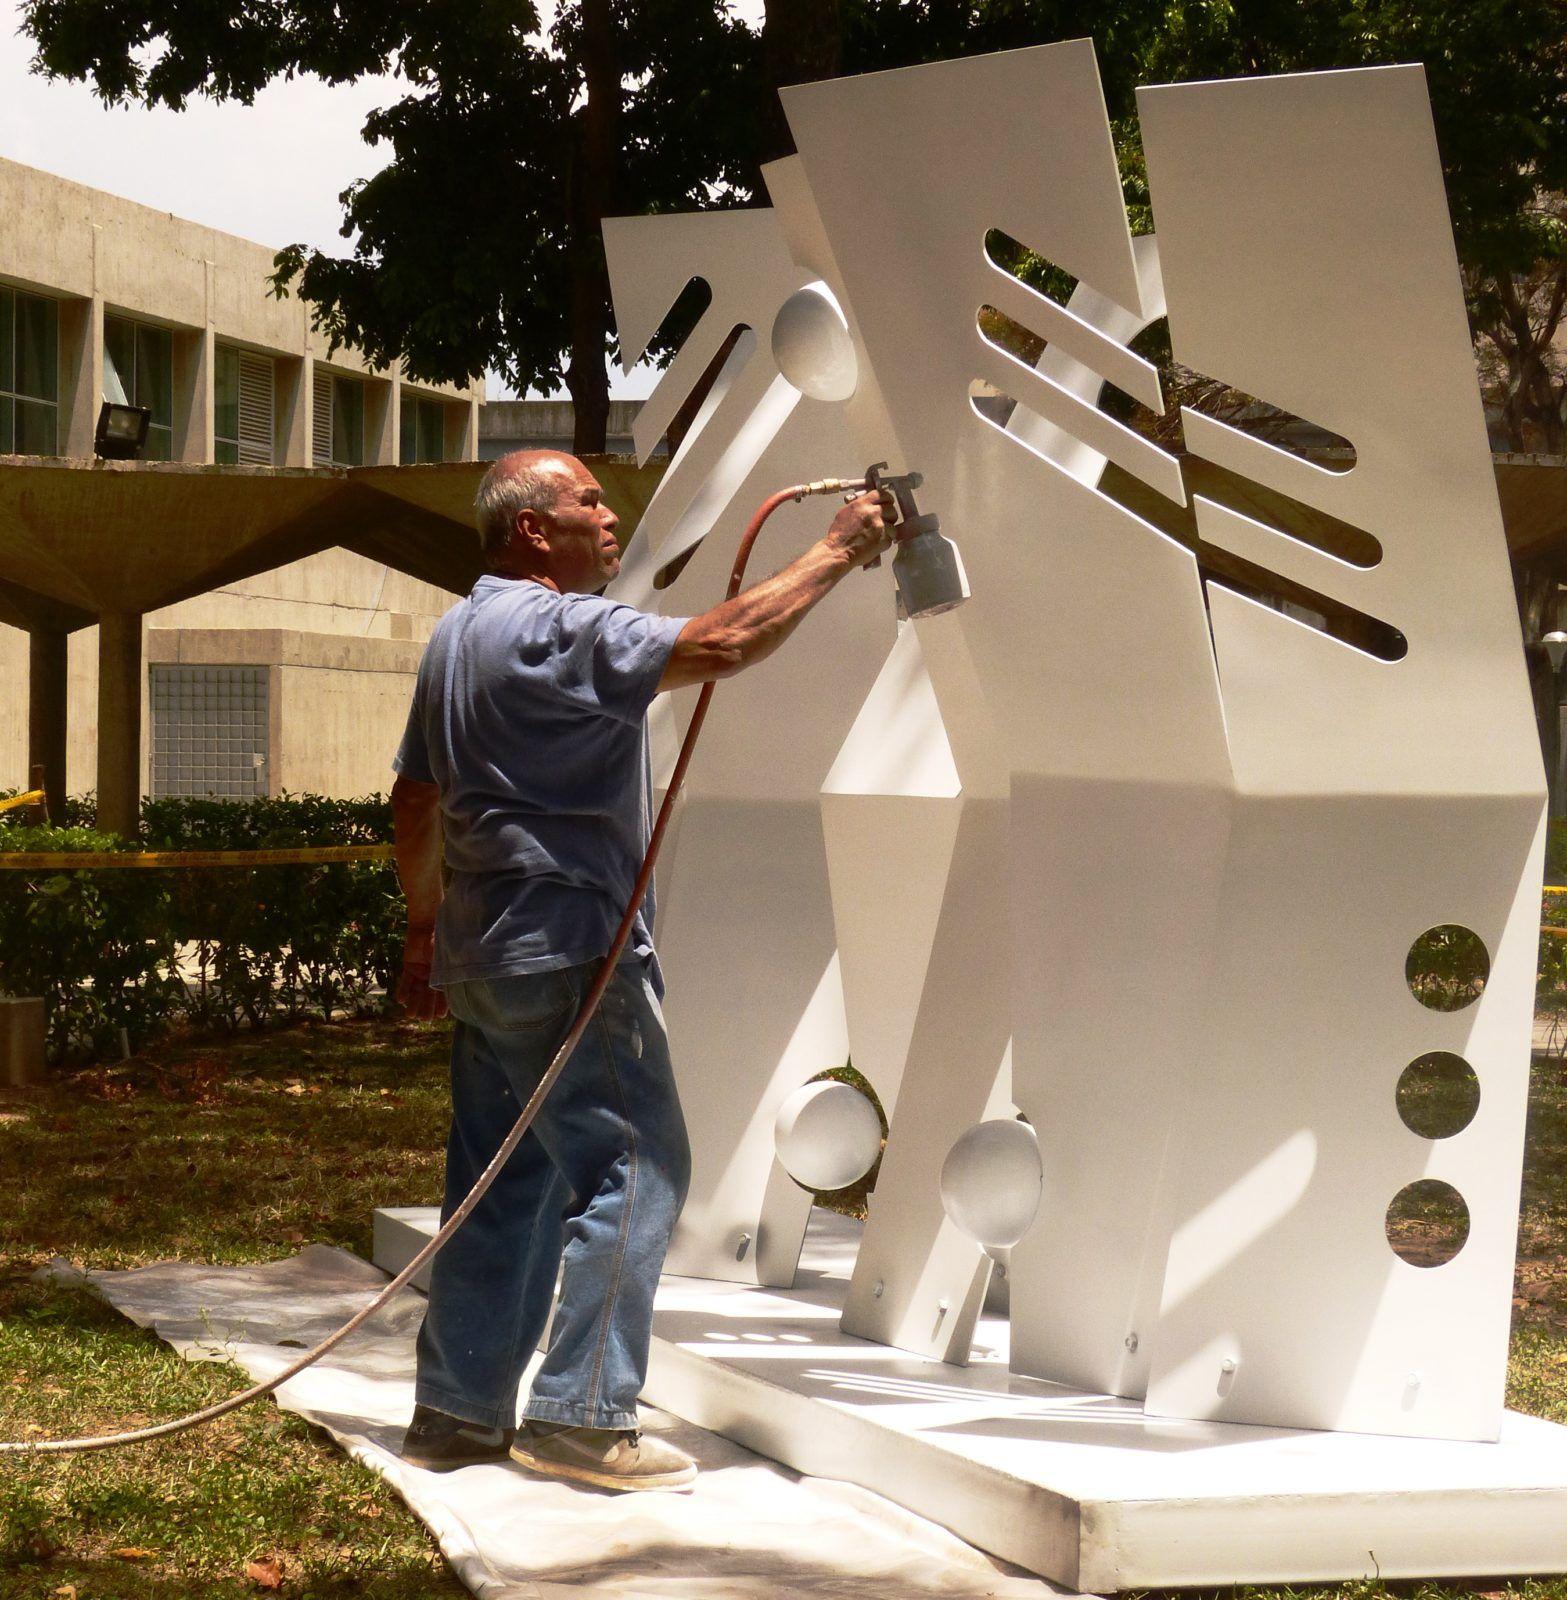 trinidad_instalacion_artista_ucab